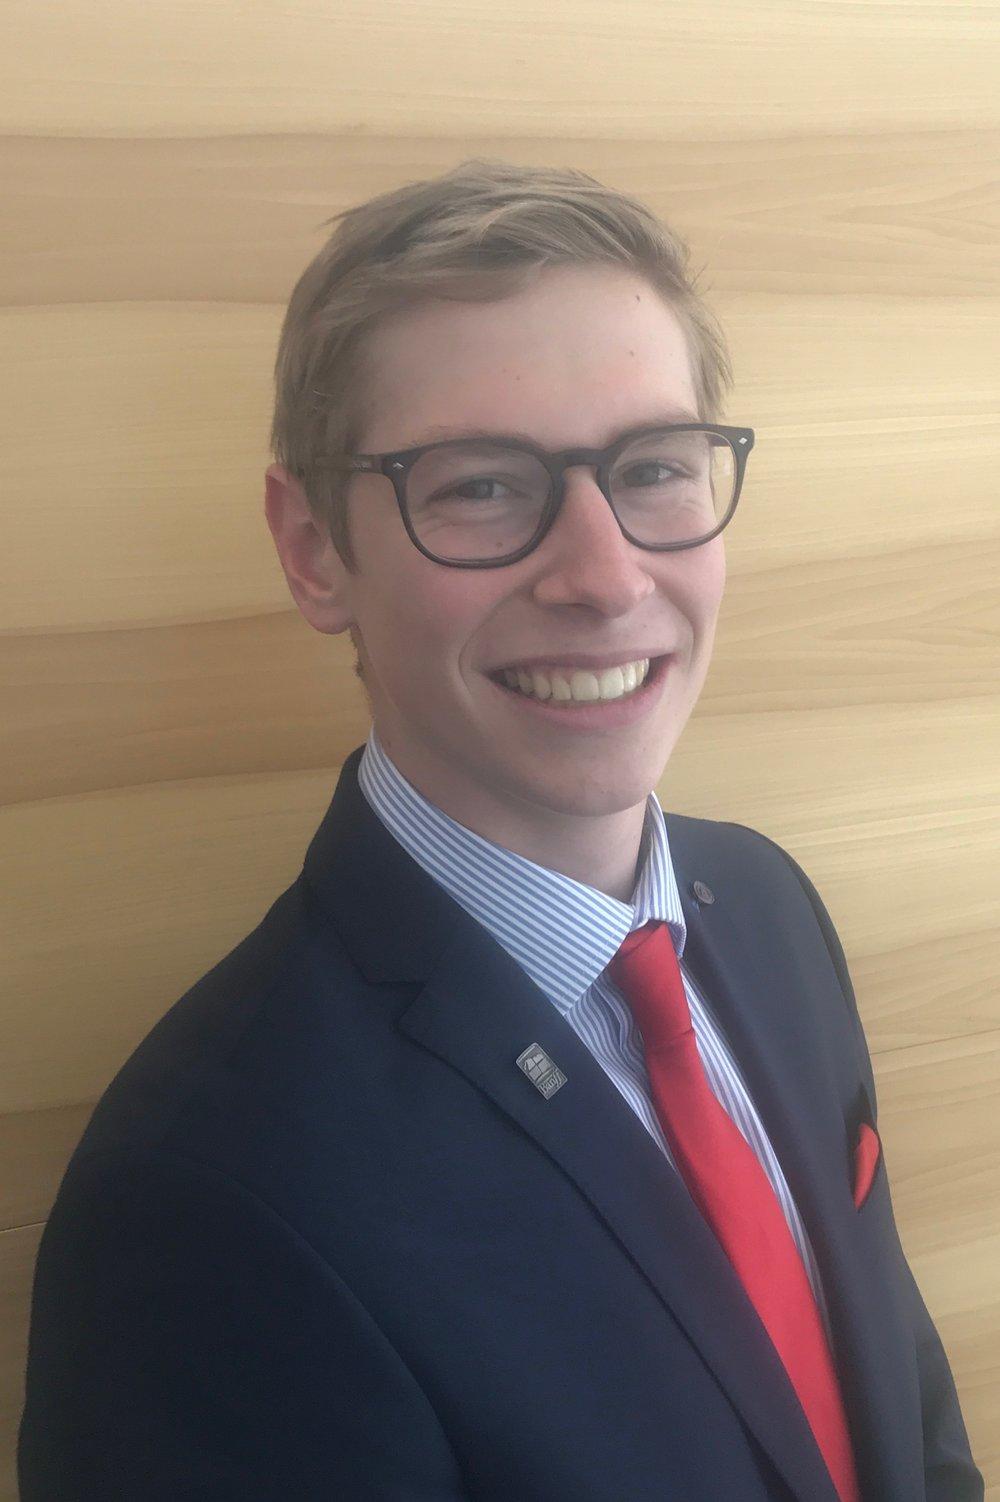 Lukas Moeckl